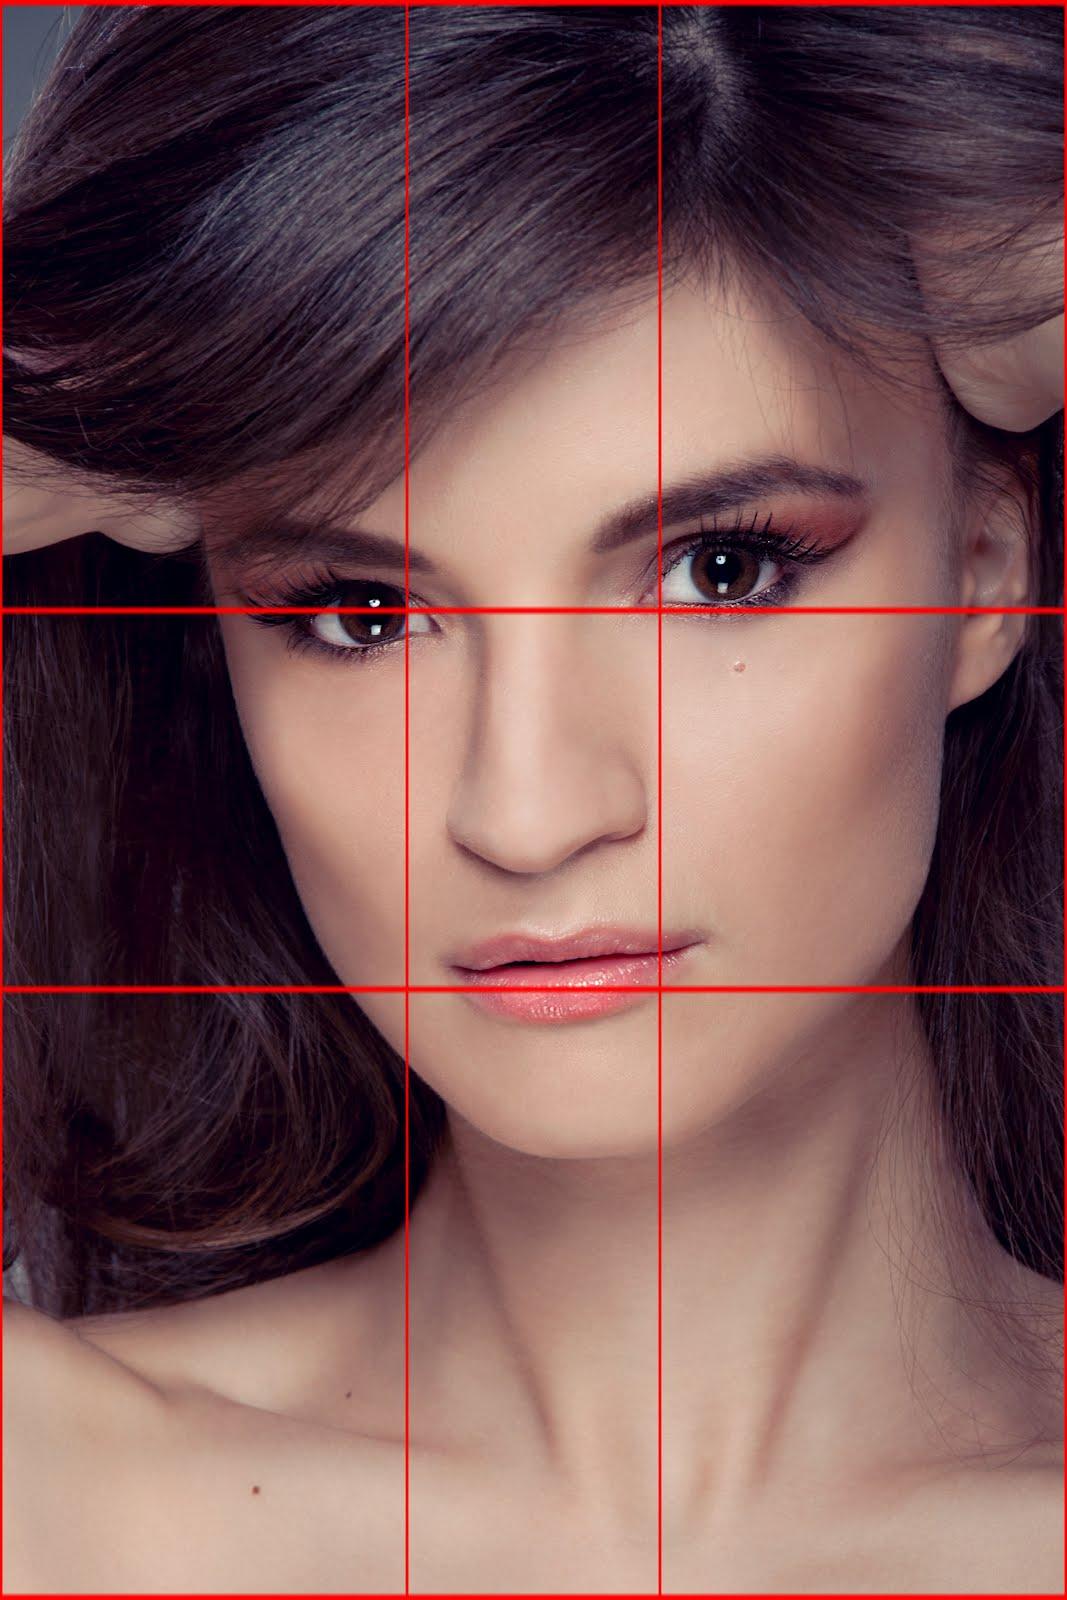 композиция портрета в фотографии платье